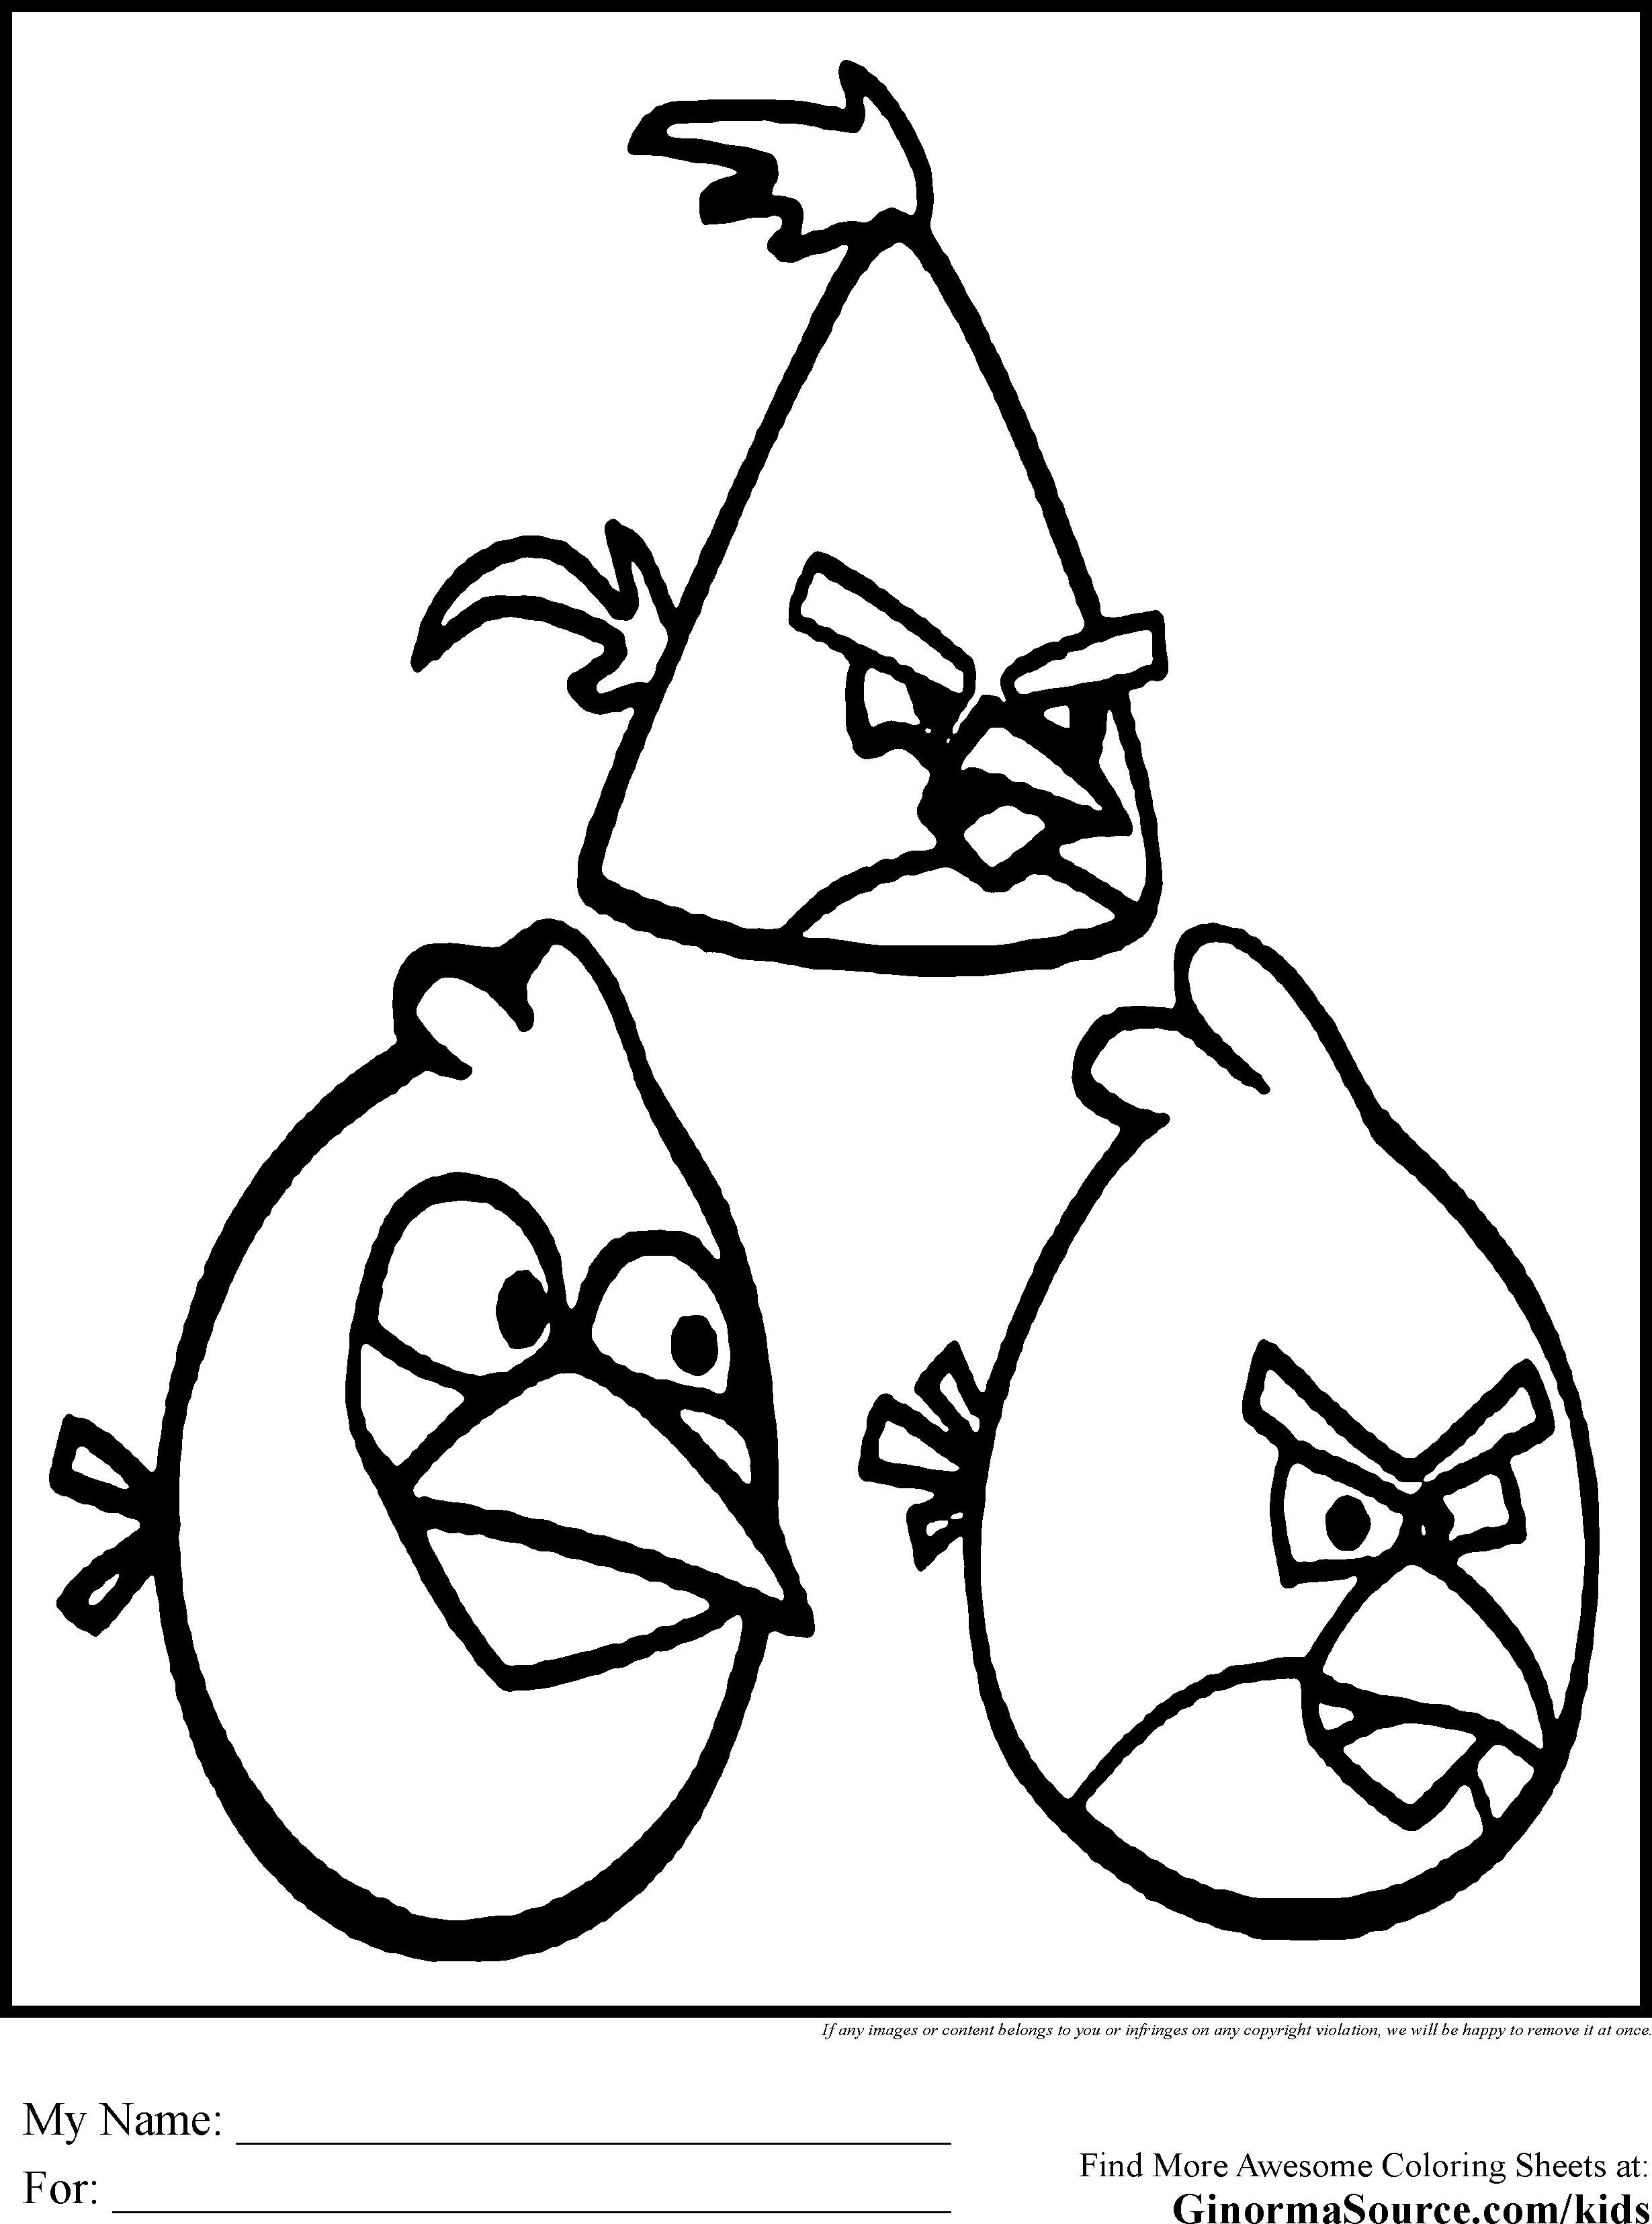 Ausmalbilder Angry Birds Das Beste Von Beispielbilder Färben Star Wars Ausmalbilder Inspirierend Fotos